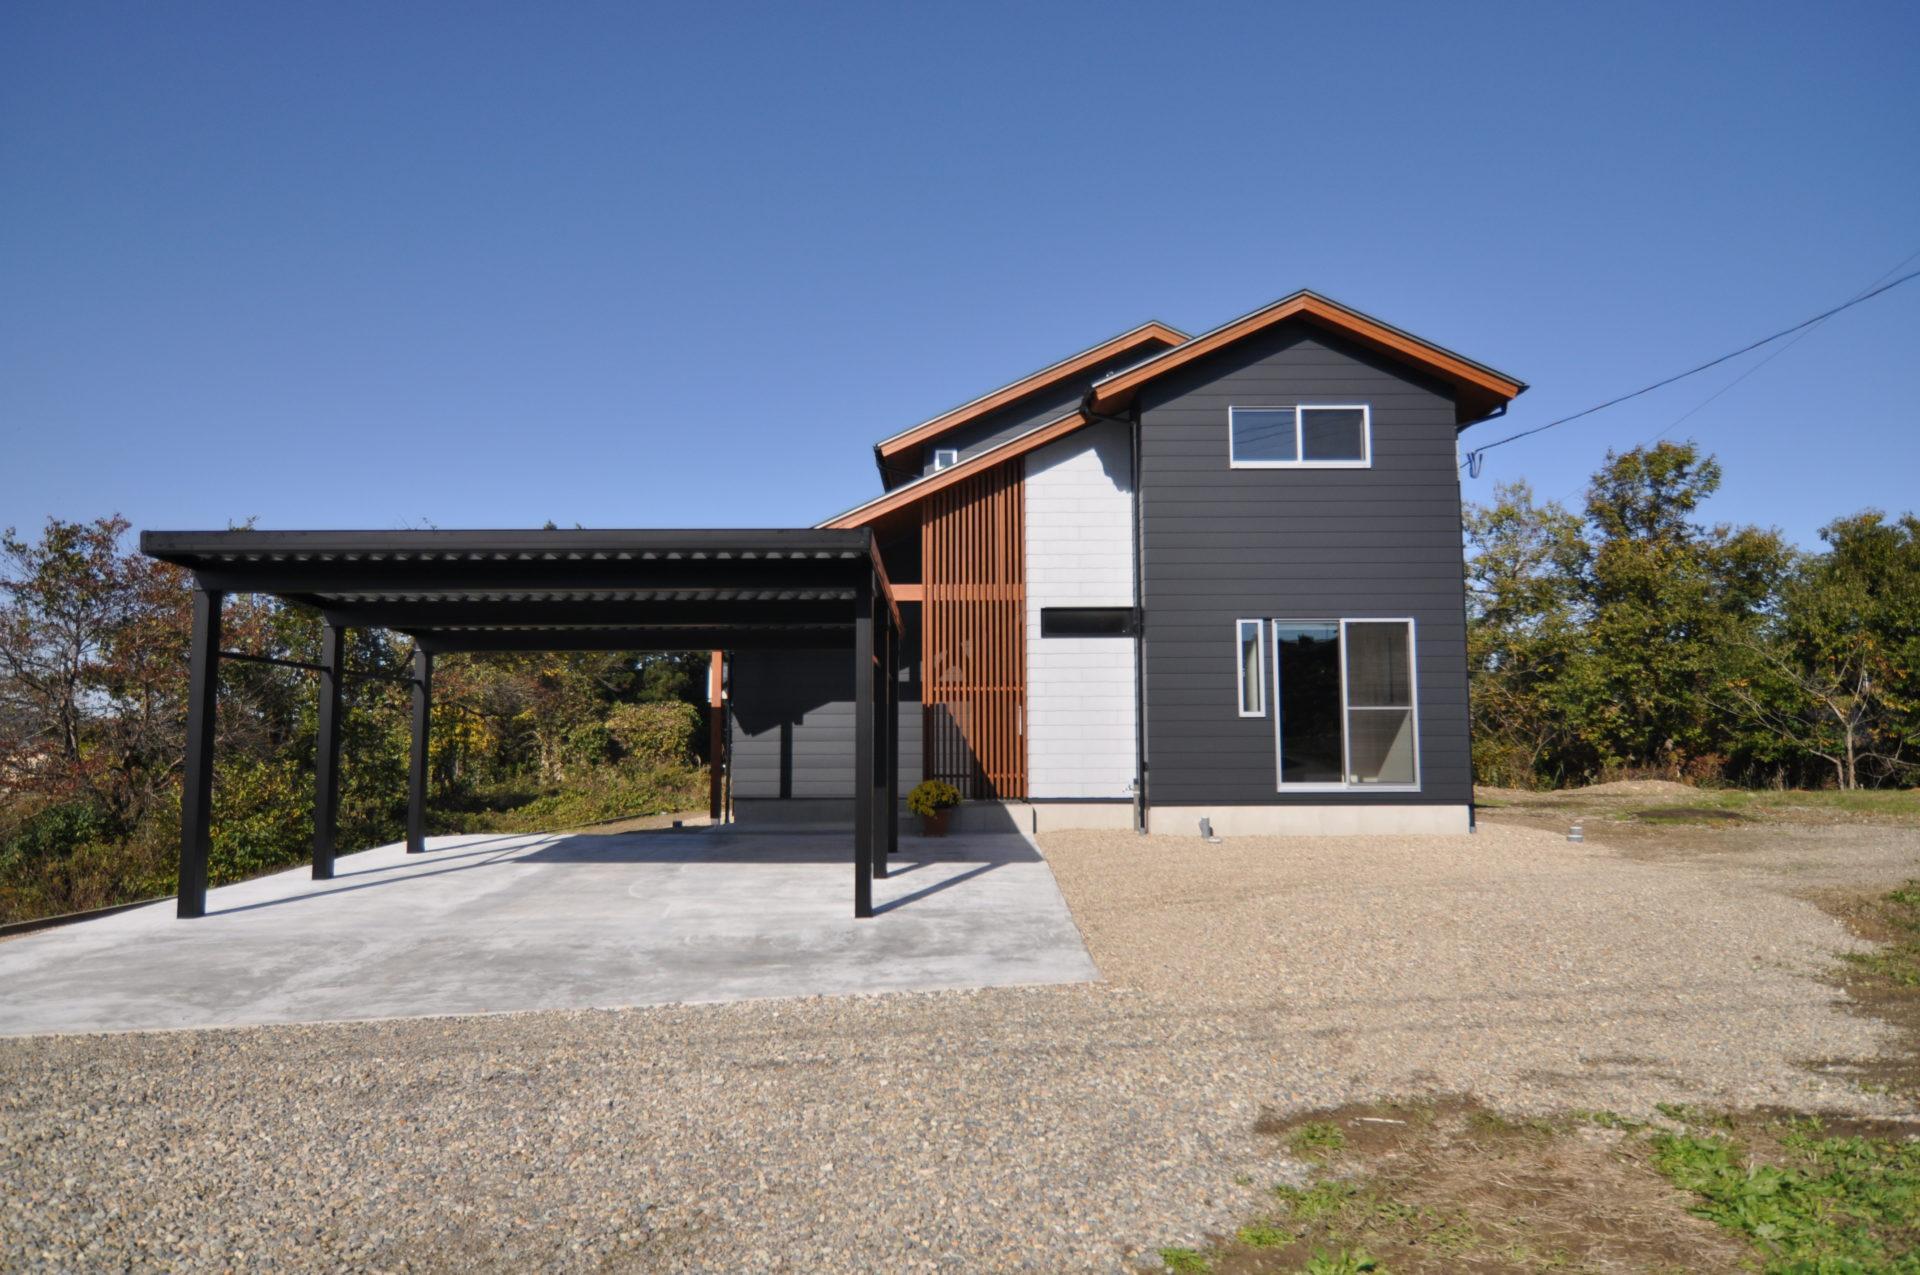 有限会社 市川建築店 1級建築士事務所「三条市 O様邸」の和風・和モダンな外観の実例写真